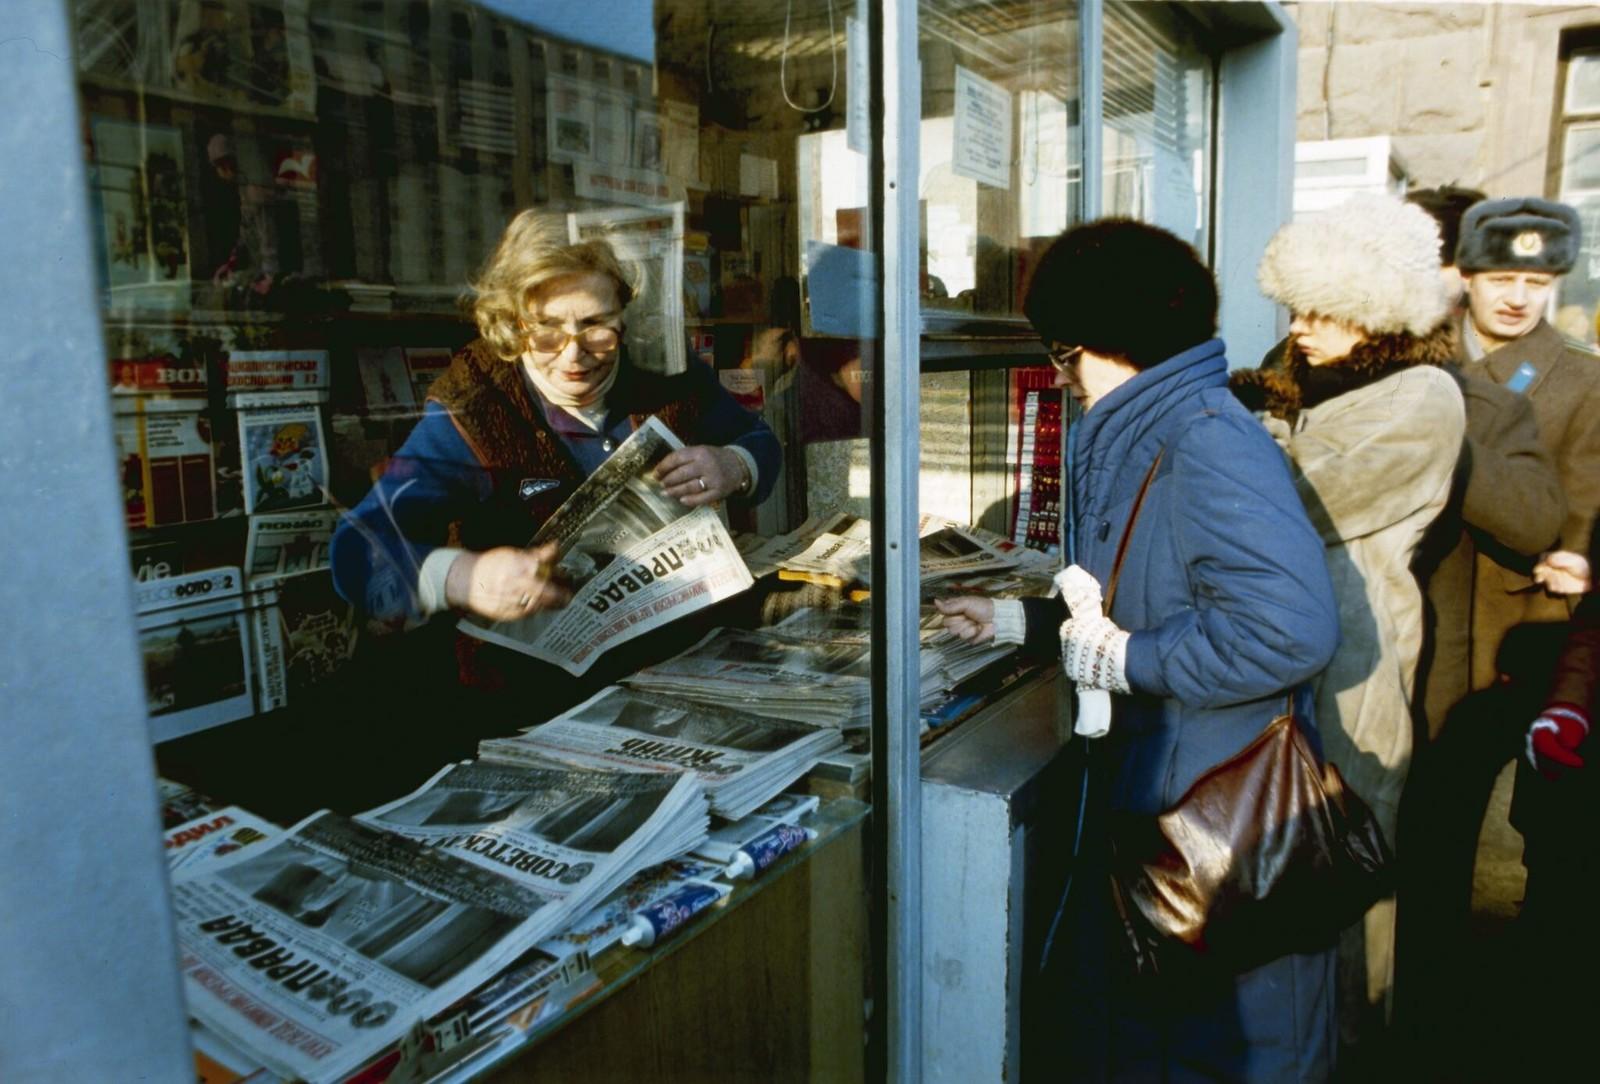 1986. Жители Москвы покупают газеты в киоске